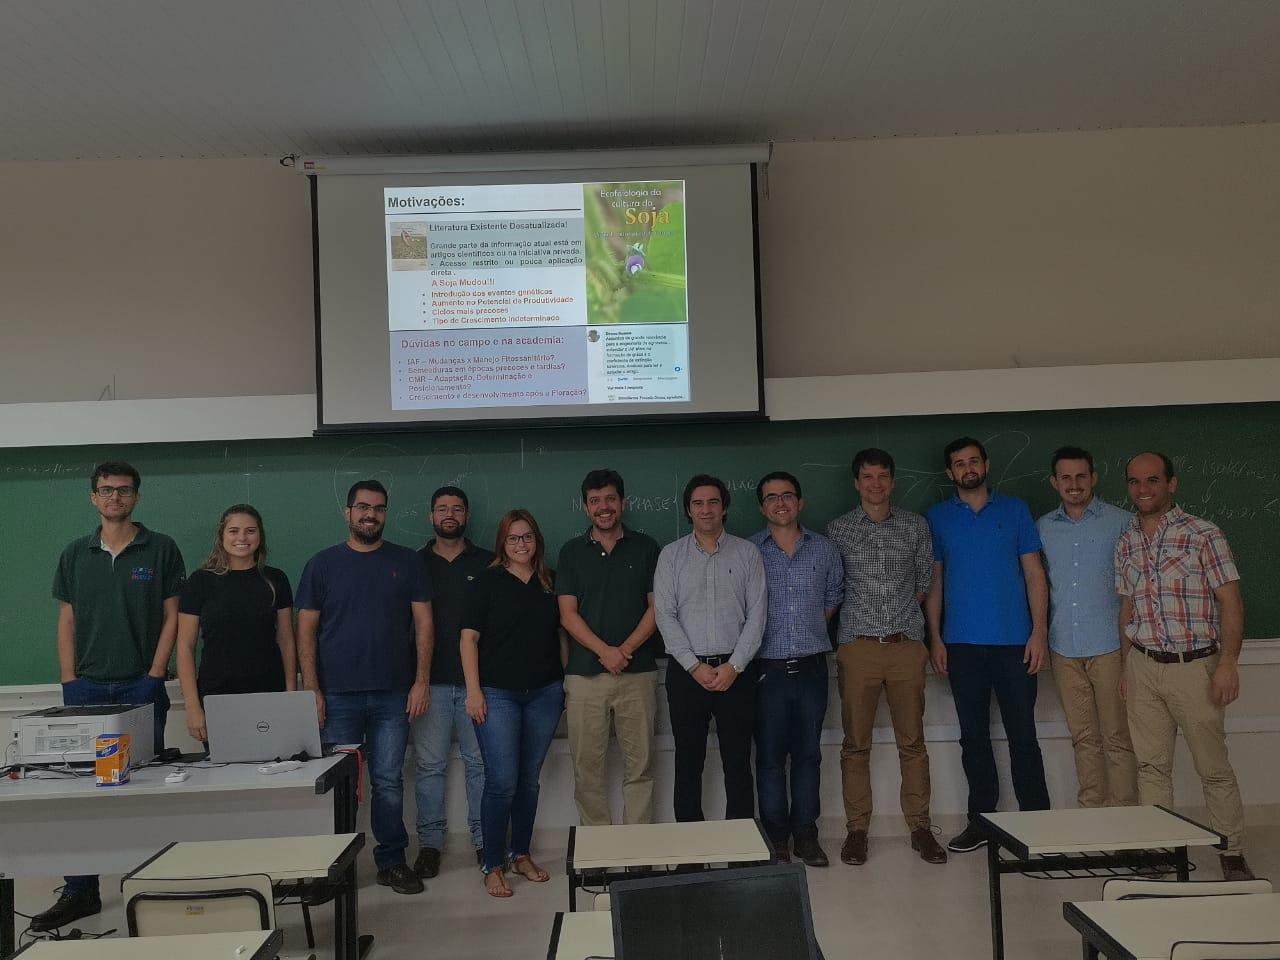 Foto colorida horizontal com 12 pessoas lado a lado, posando para foto, em uma sala com um grande quadro verde e uma tela de slides ao fundo